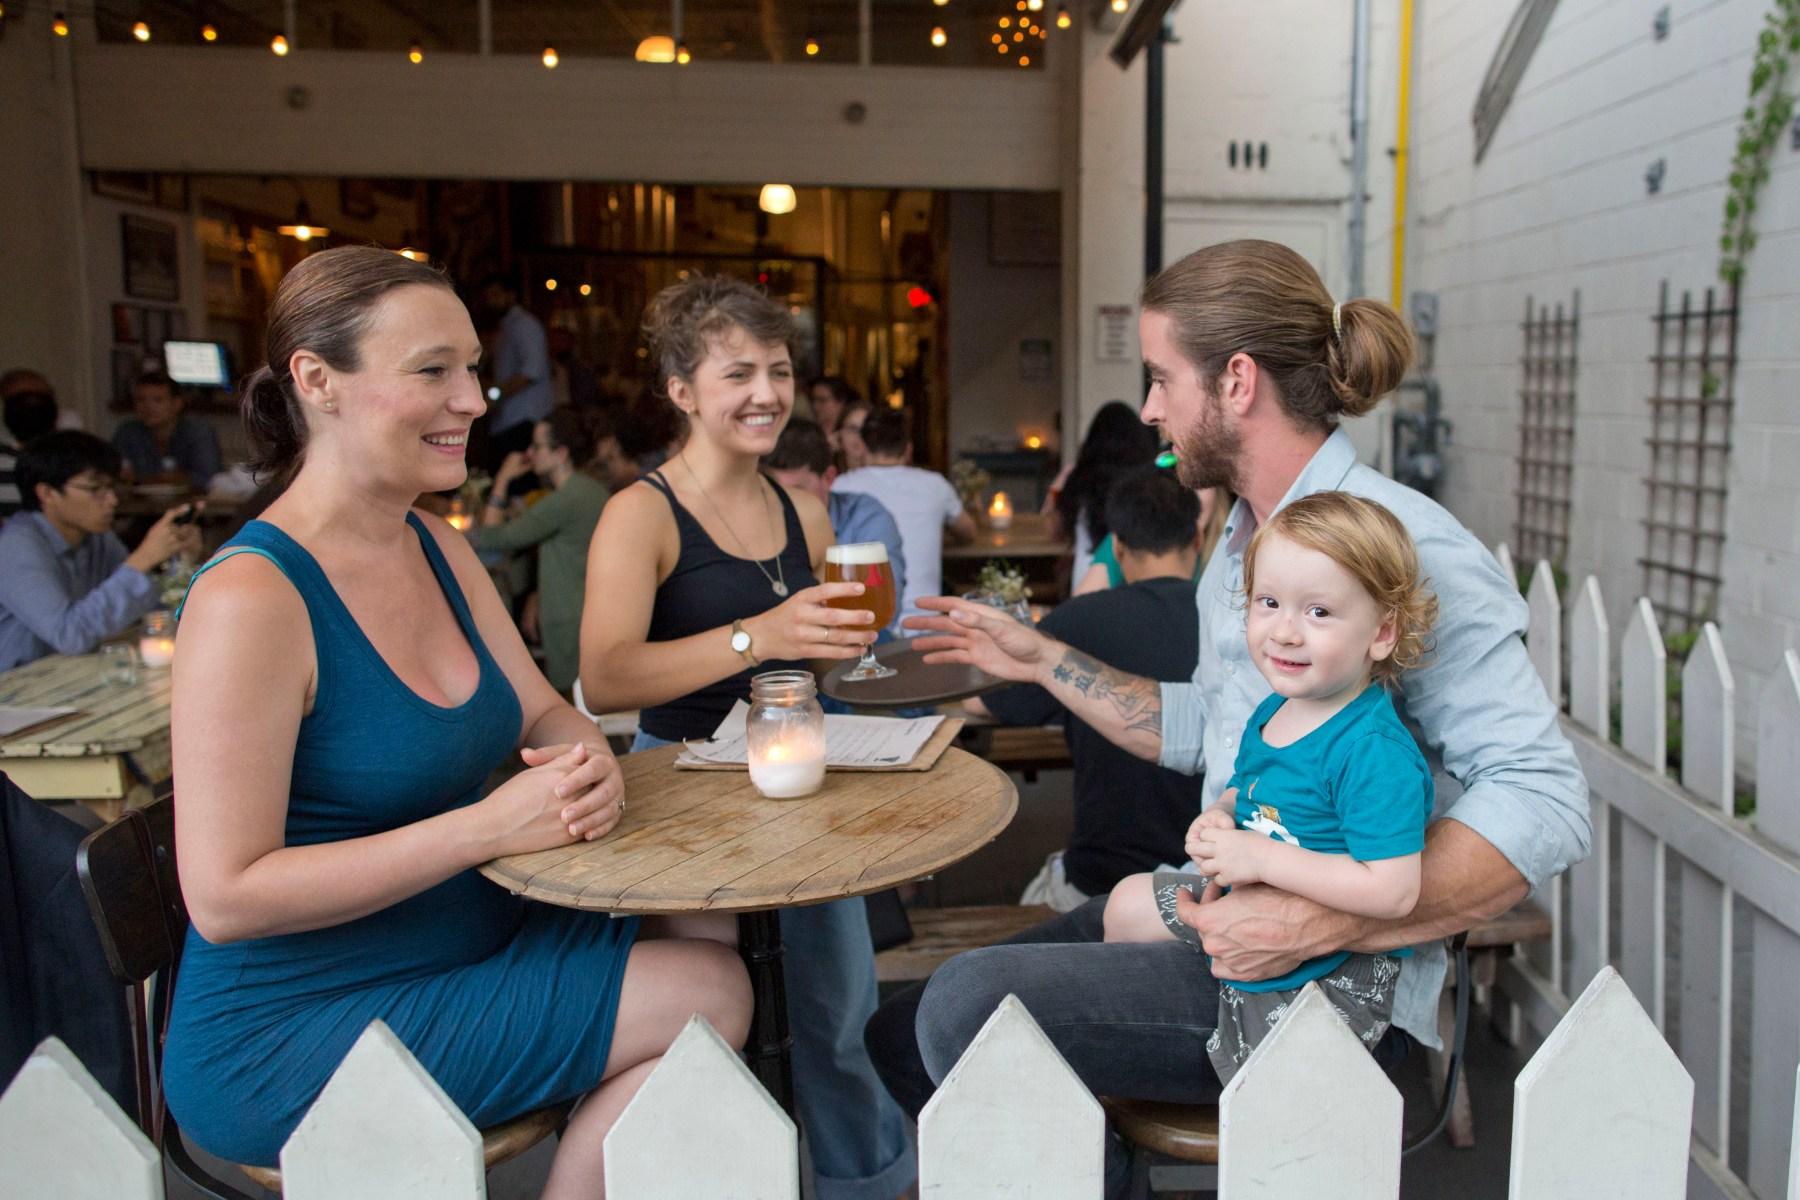 Baby's first beer garden